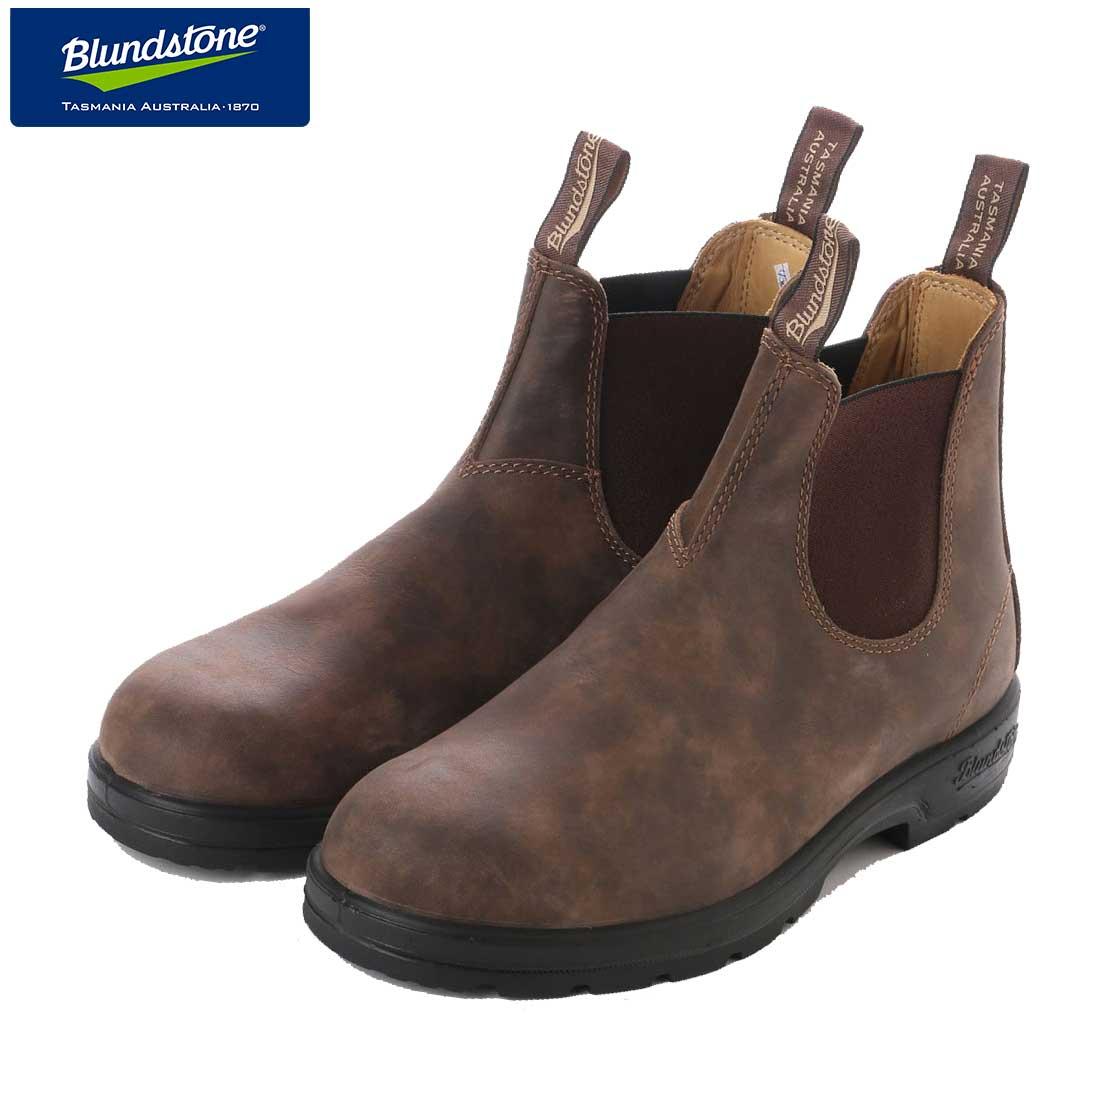 ブランドストーン Blundstone BS585 267 (ユニセックス) ラスティックブラウン(オイルレザー) 「靴」